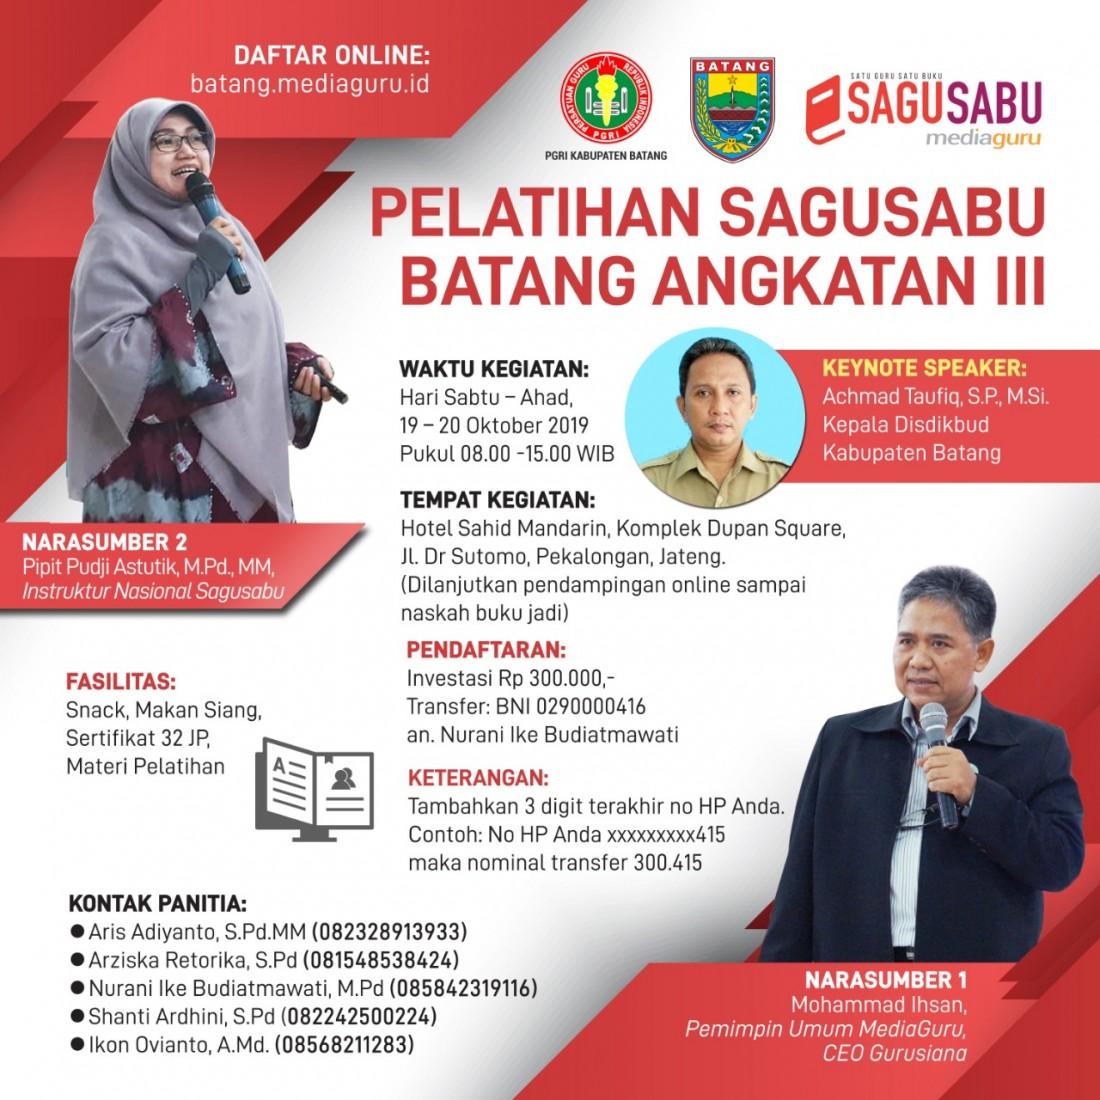 Pelatihan Menulis Sagusabu Batang II Jateng (Batang, 19 - 20 Oktober 2019)